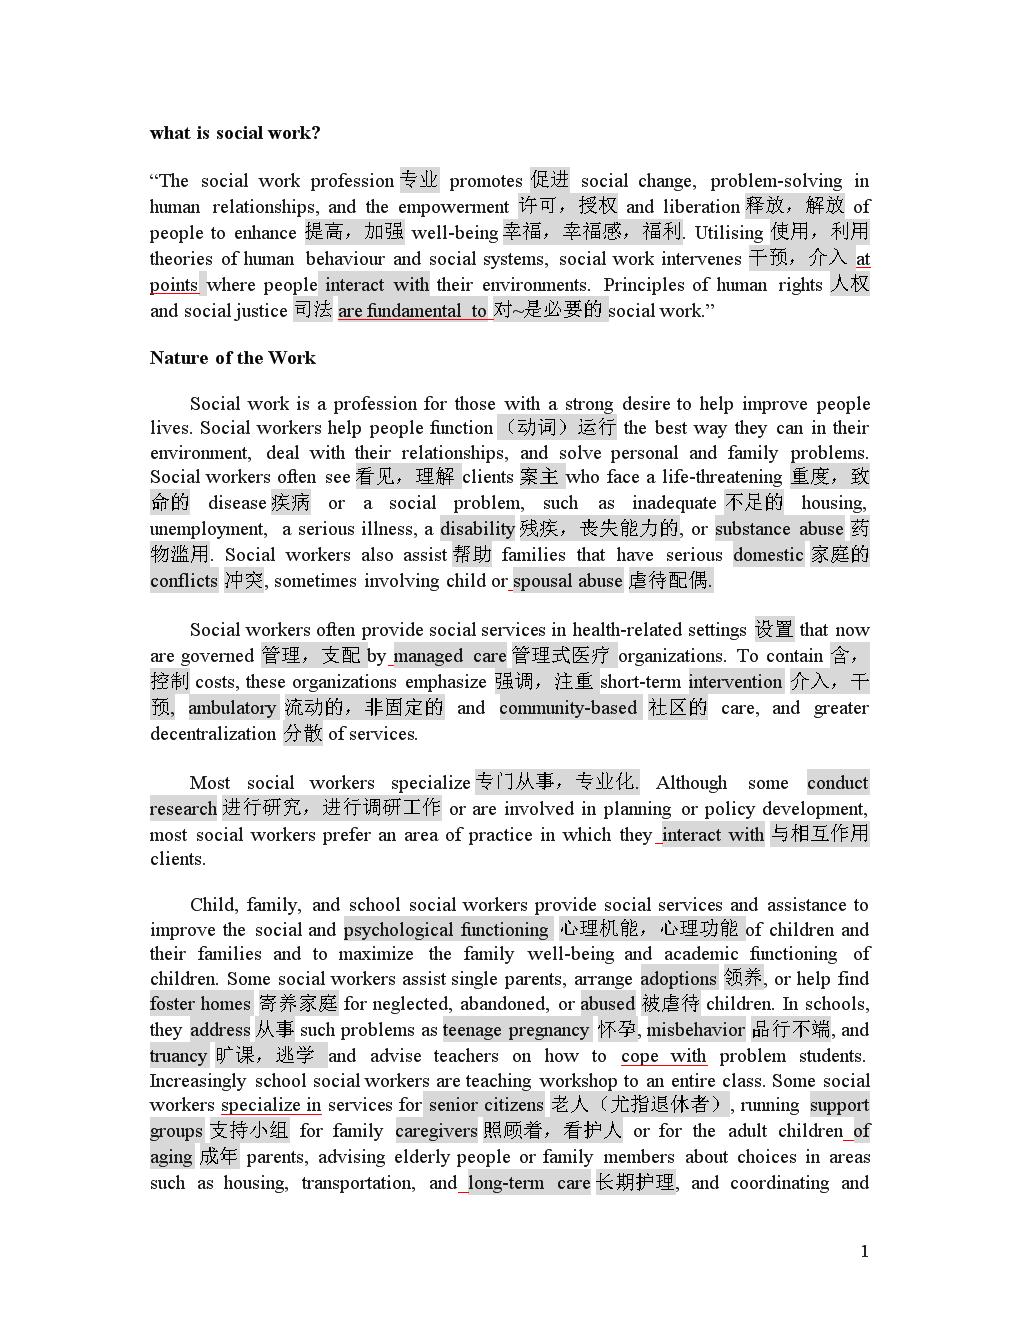 社会工作专业英语(打印版).doc